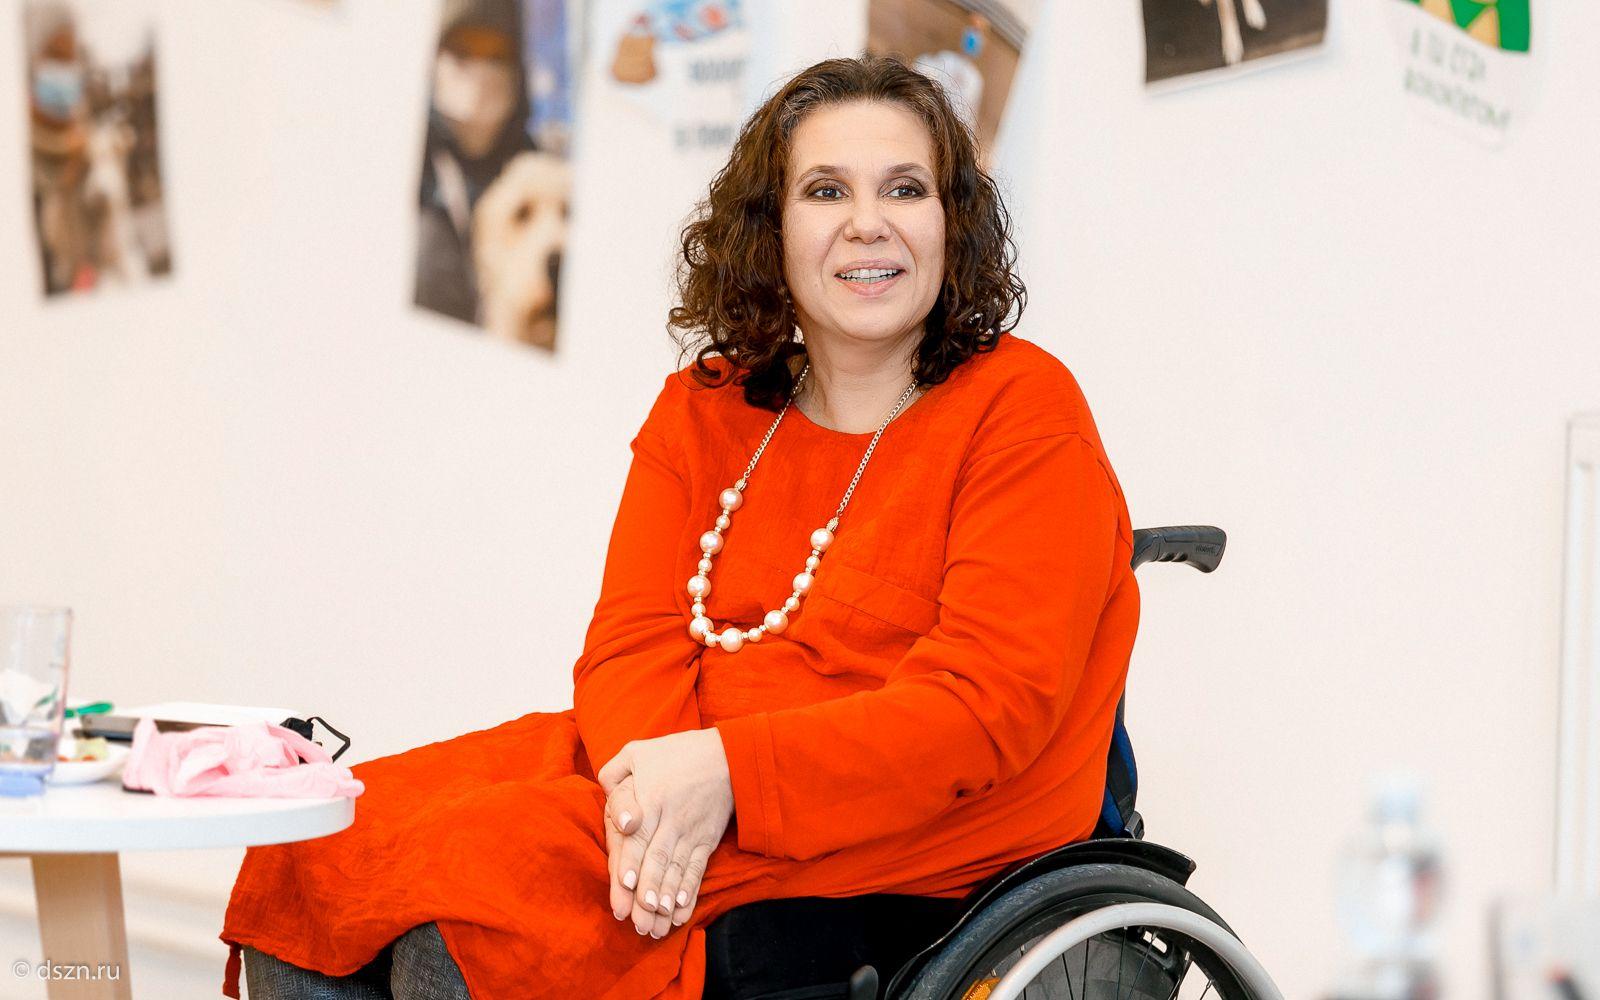 Наталья Присецкая, руководитель общественной организации «Катюша»